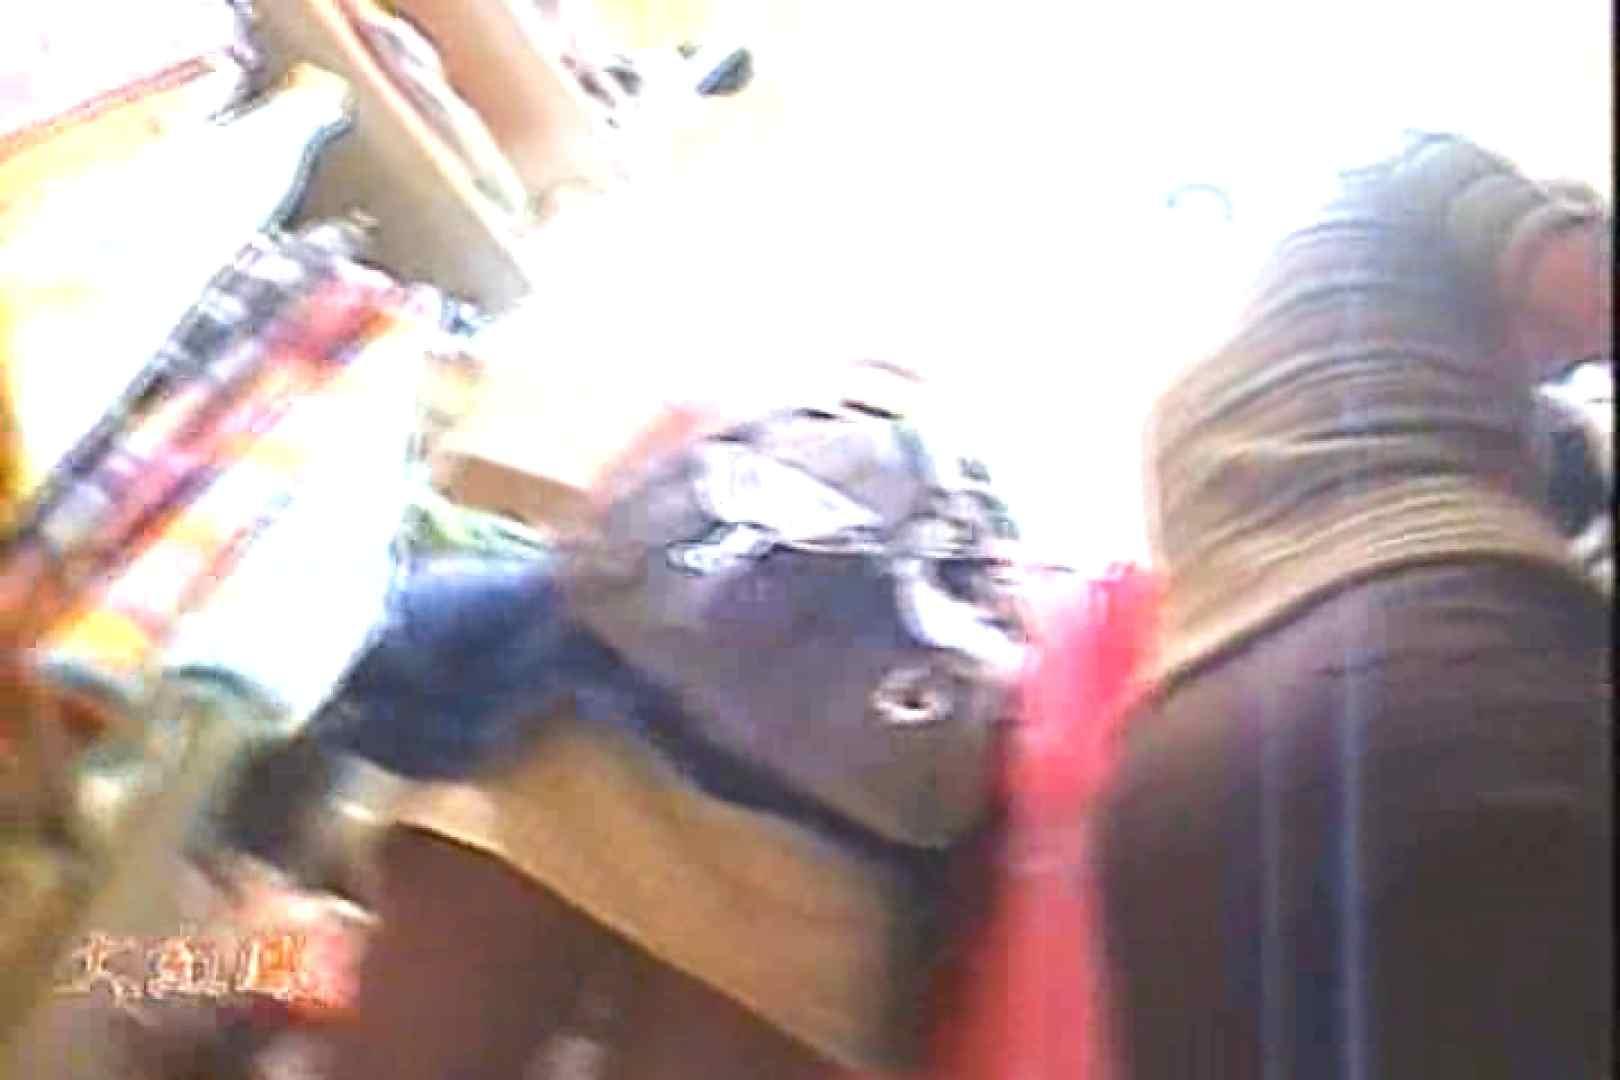 究極カリスマショップ逆さ撮り 完全保存版02 覗き 隠し撮りオマンコ動画紹介 58PIX 19